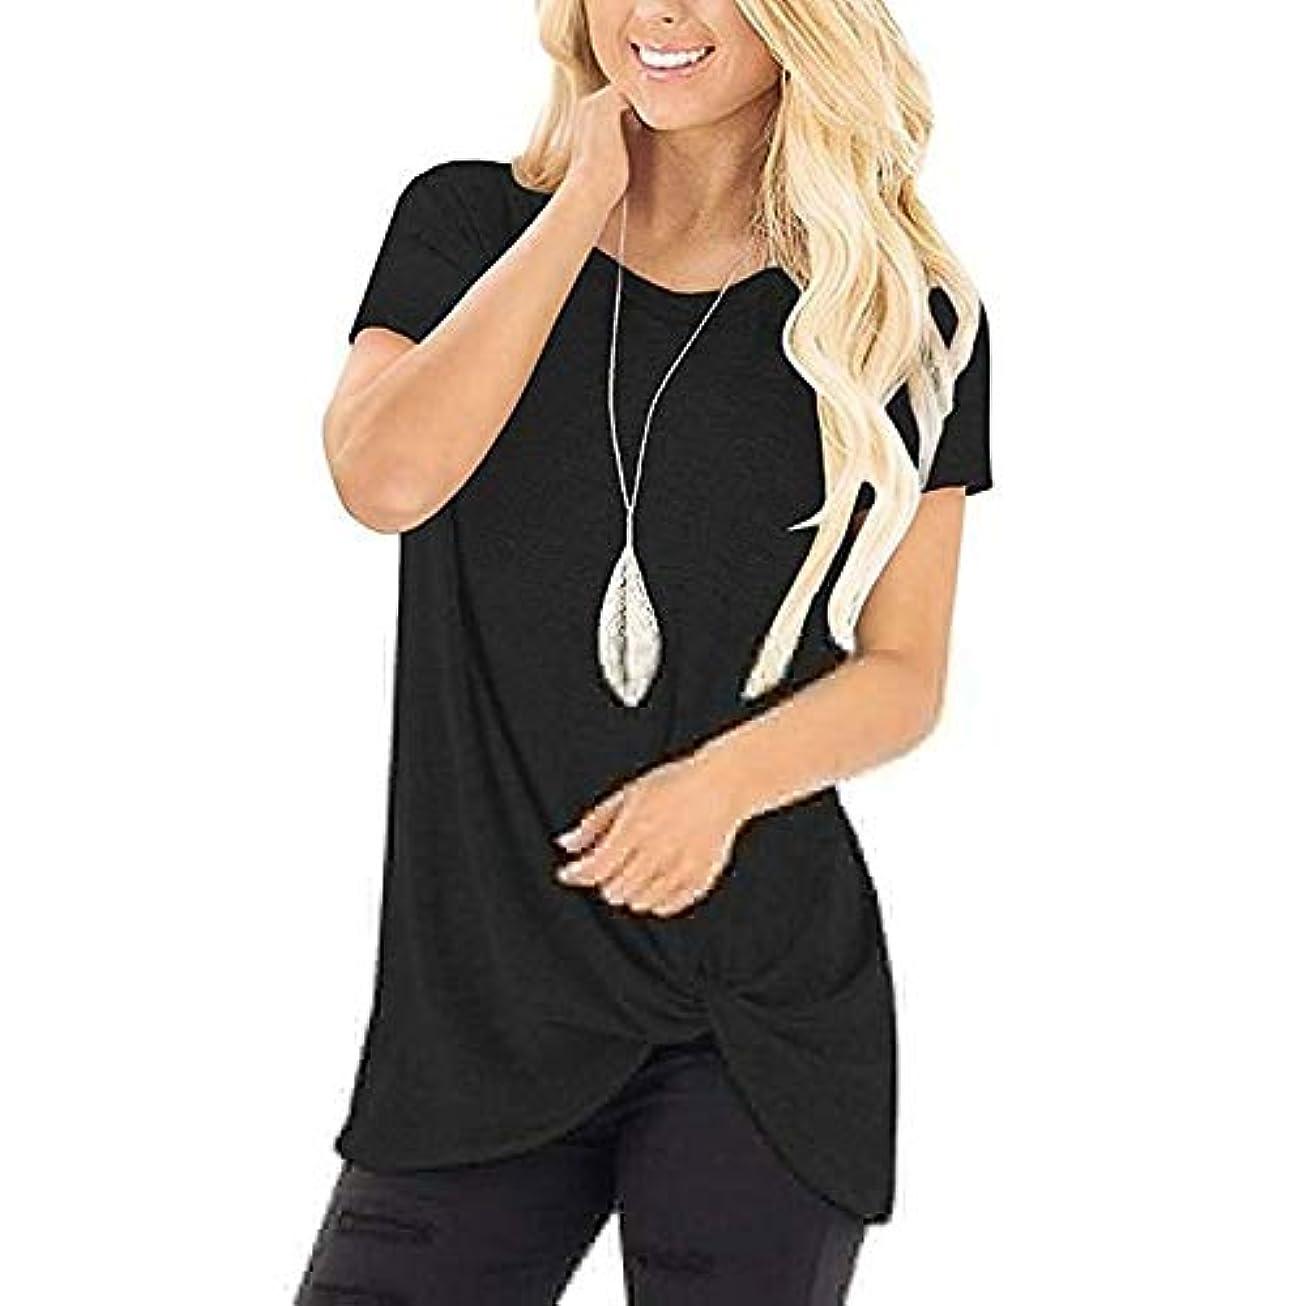 小さな体細胞ルームMIFAN コットンTシャツ、カジュアルTシャツ、レディースブラウス、トップス&Tシャツ、プラスサイズ、ルーズtシャツ